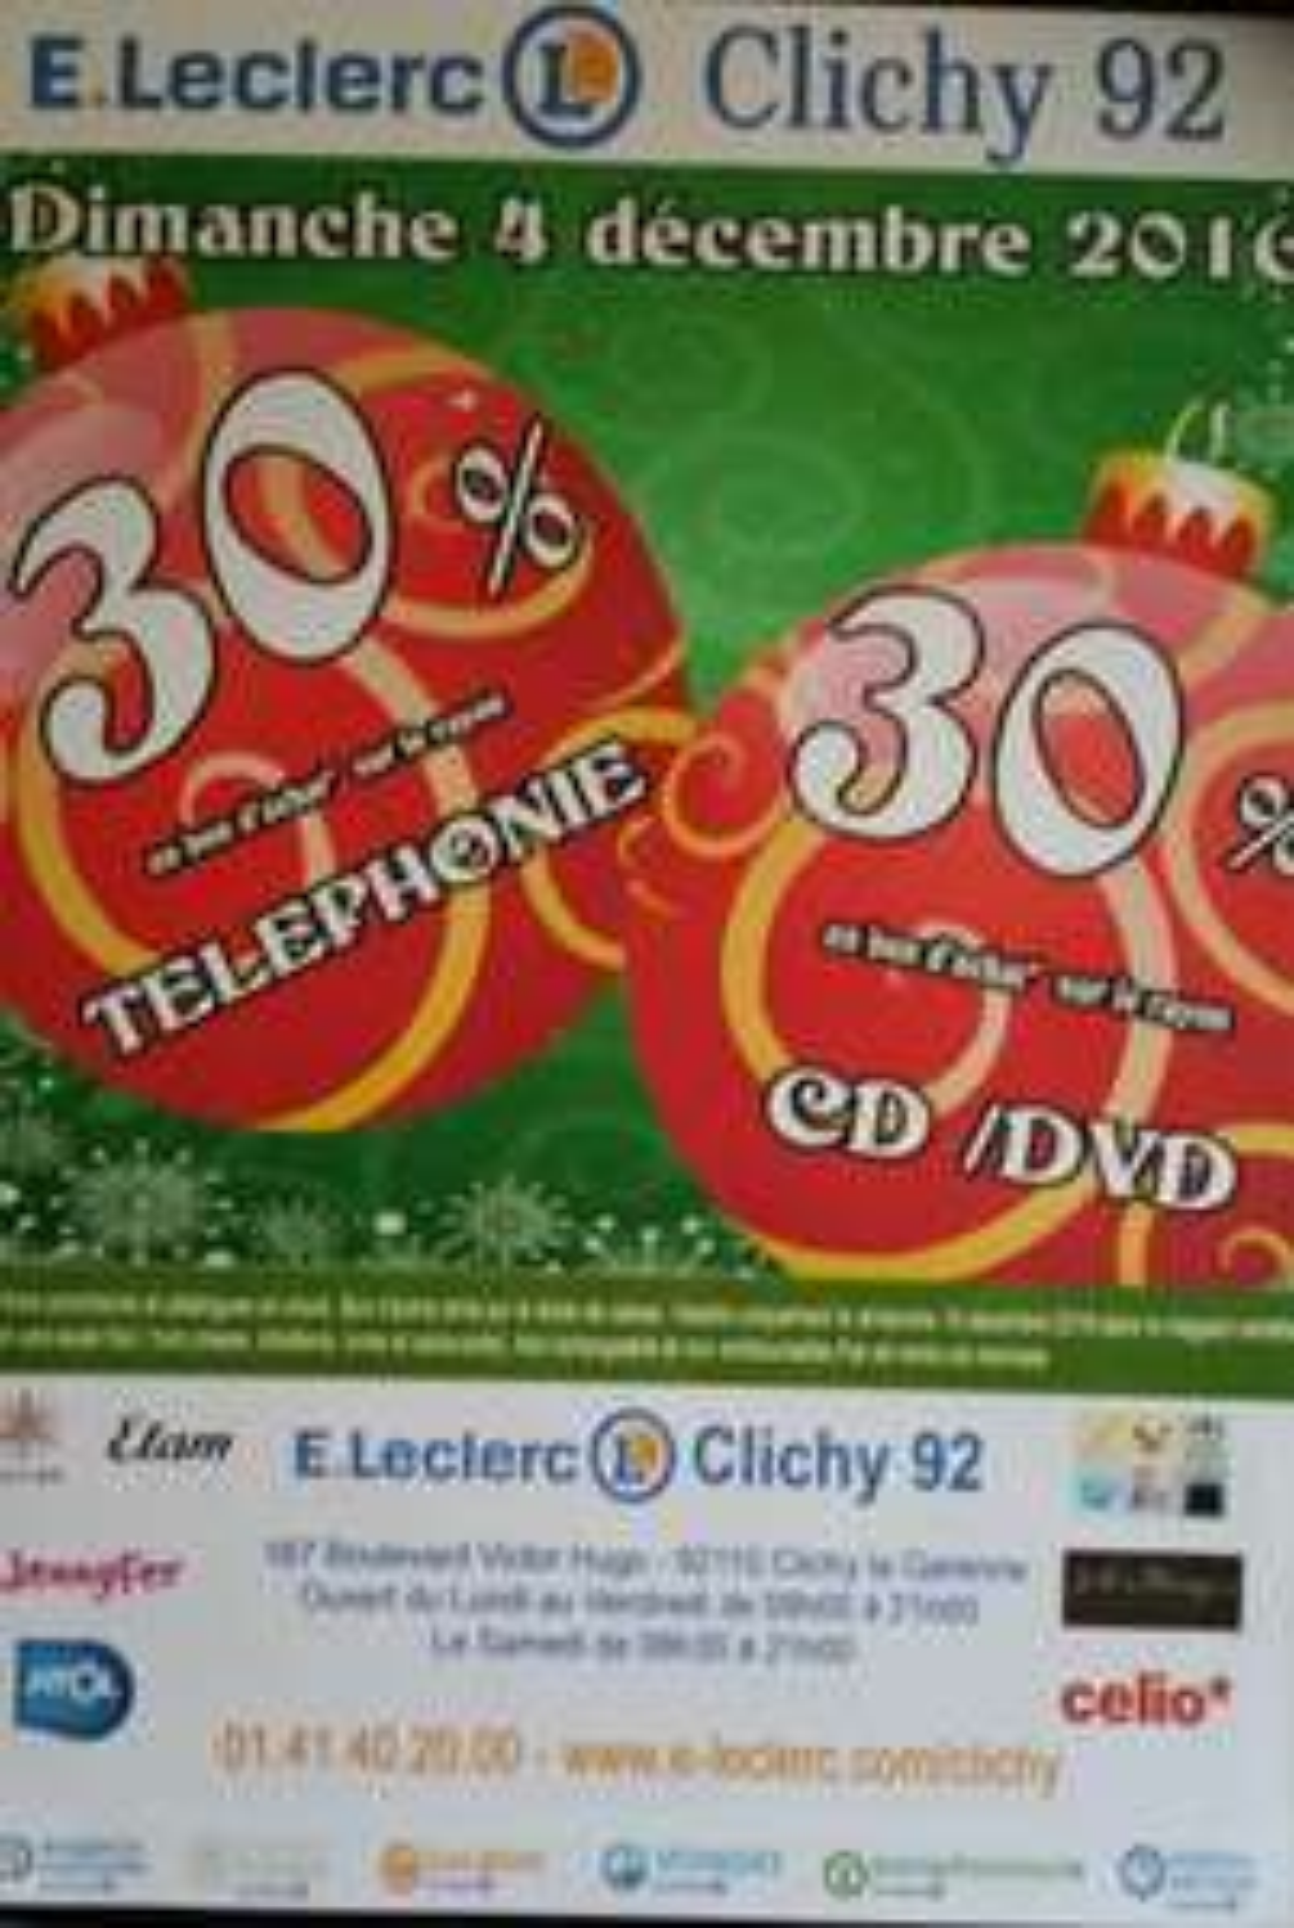 30% offerts en bon d'achat sur les rayons Téléphonie et CD/DVD